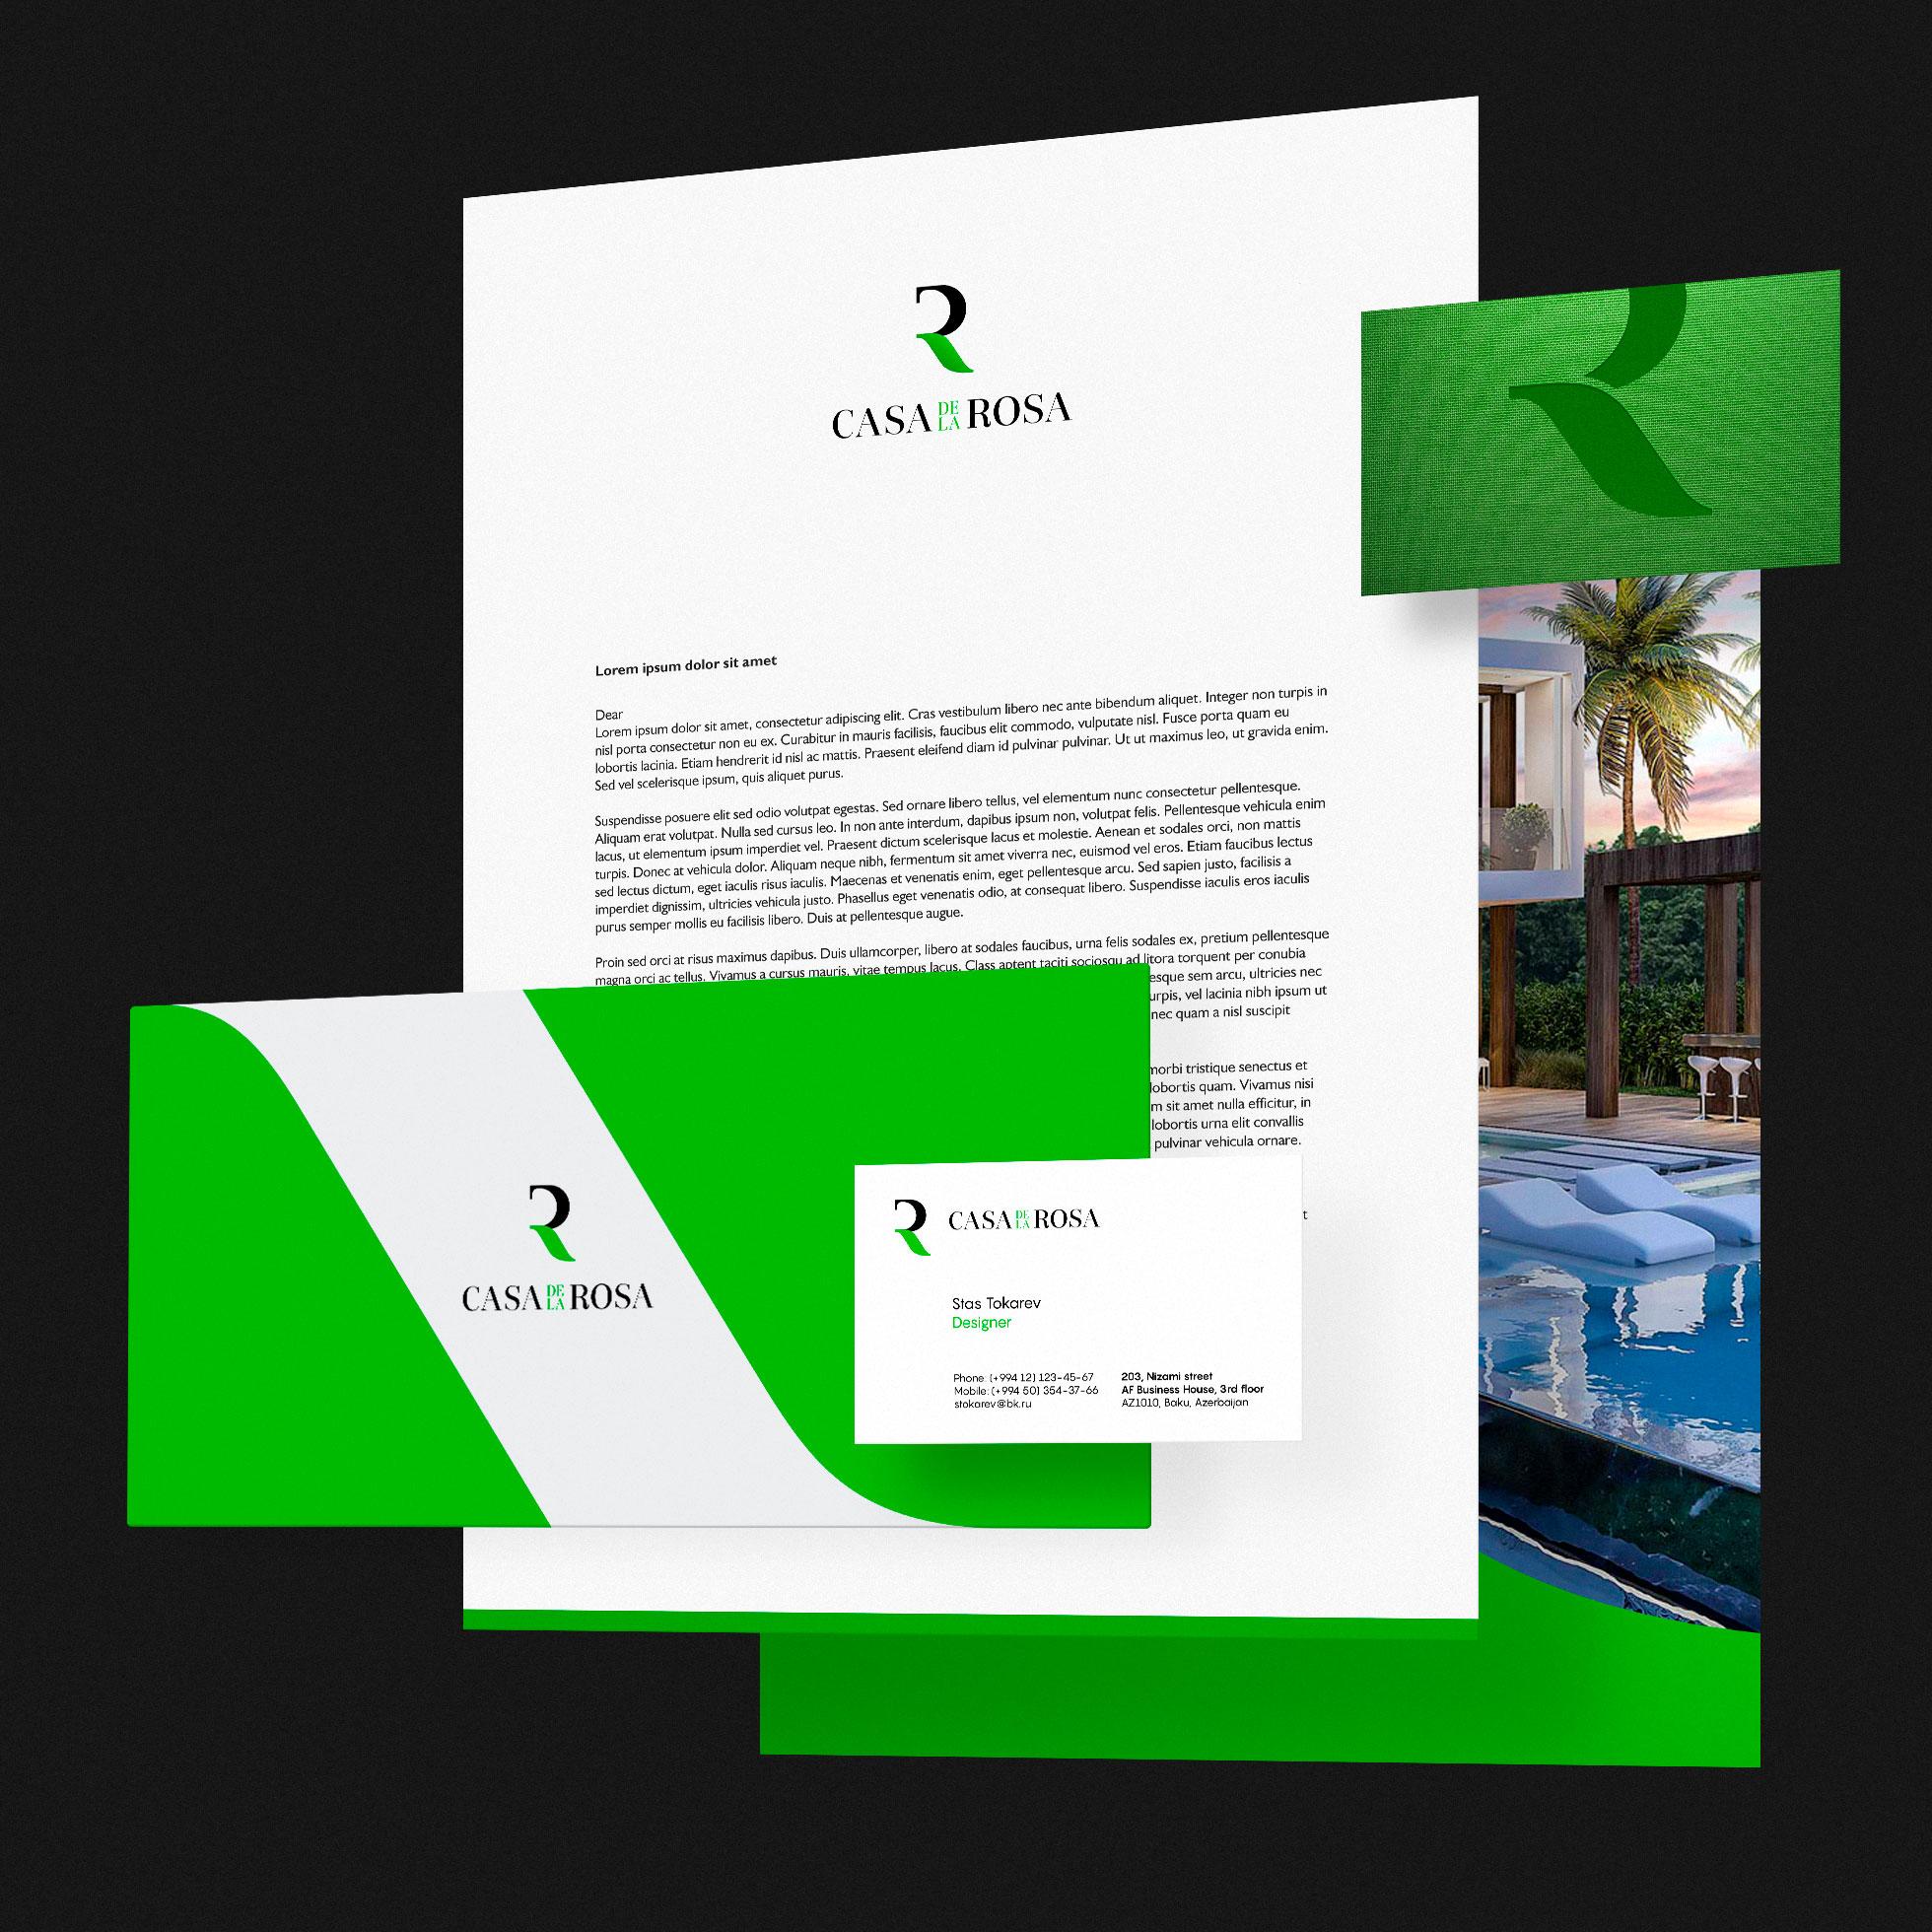 Логотип + Фирменный знак для элитного поселка Casa De La Rosa фото f_6795cd2c29ca8557.jpg